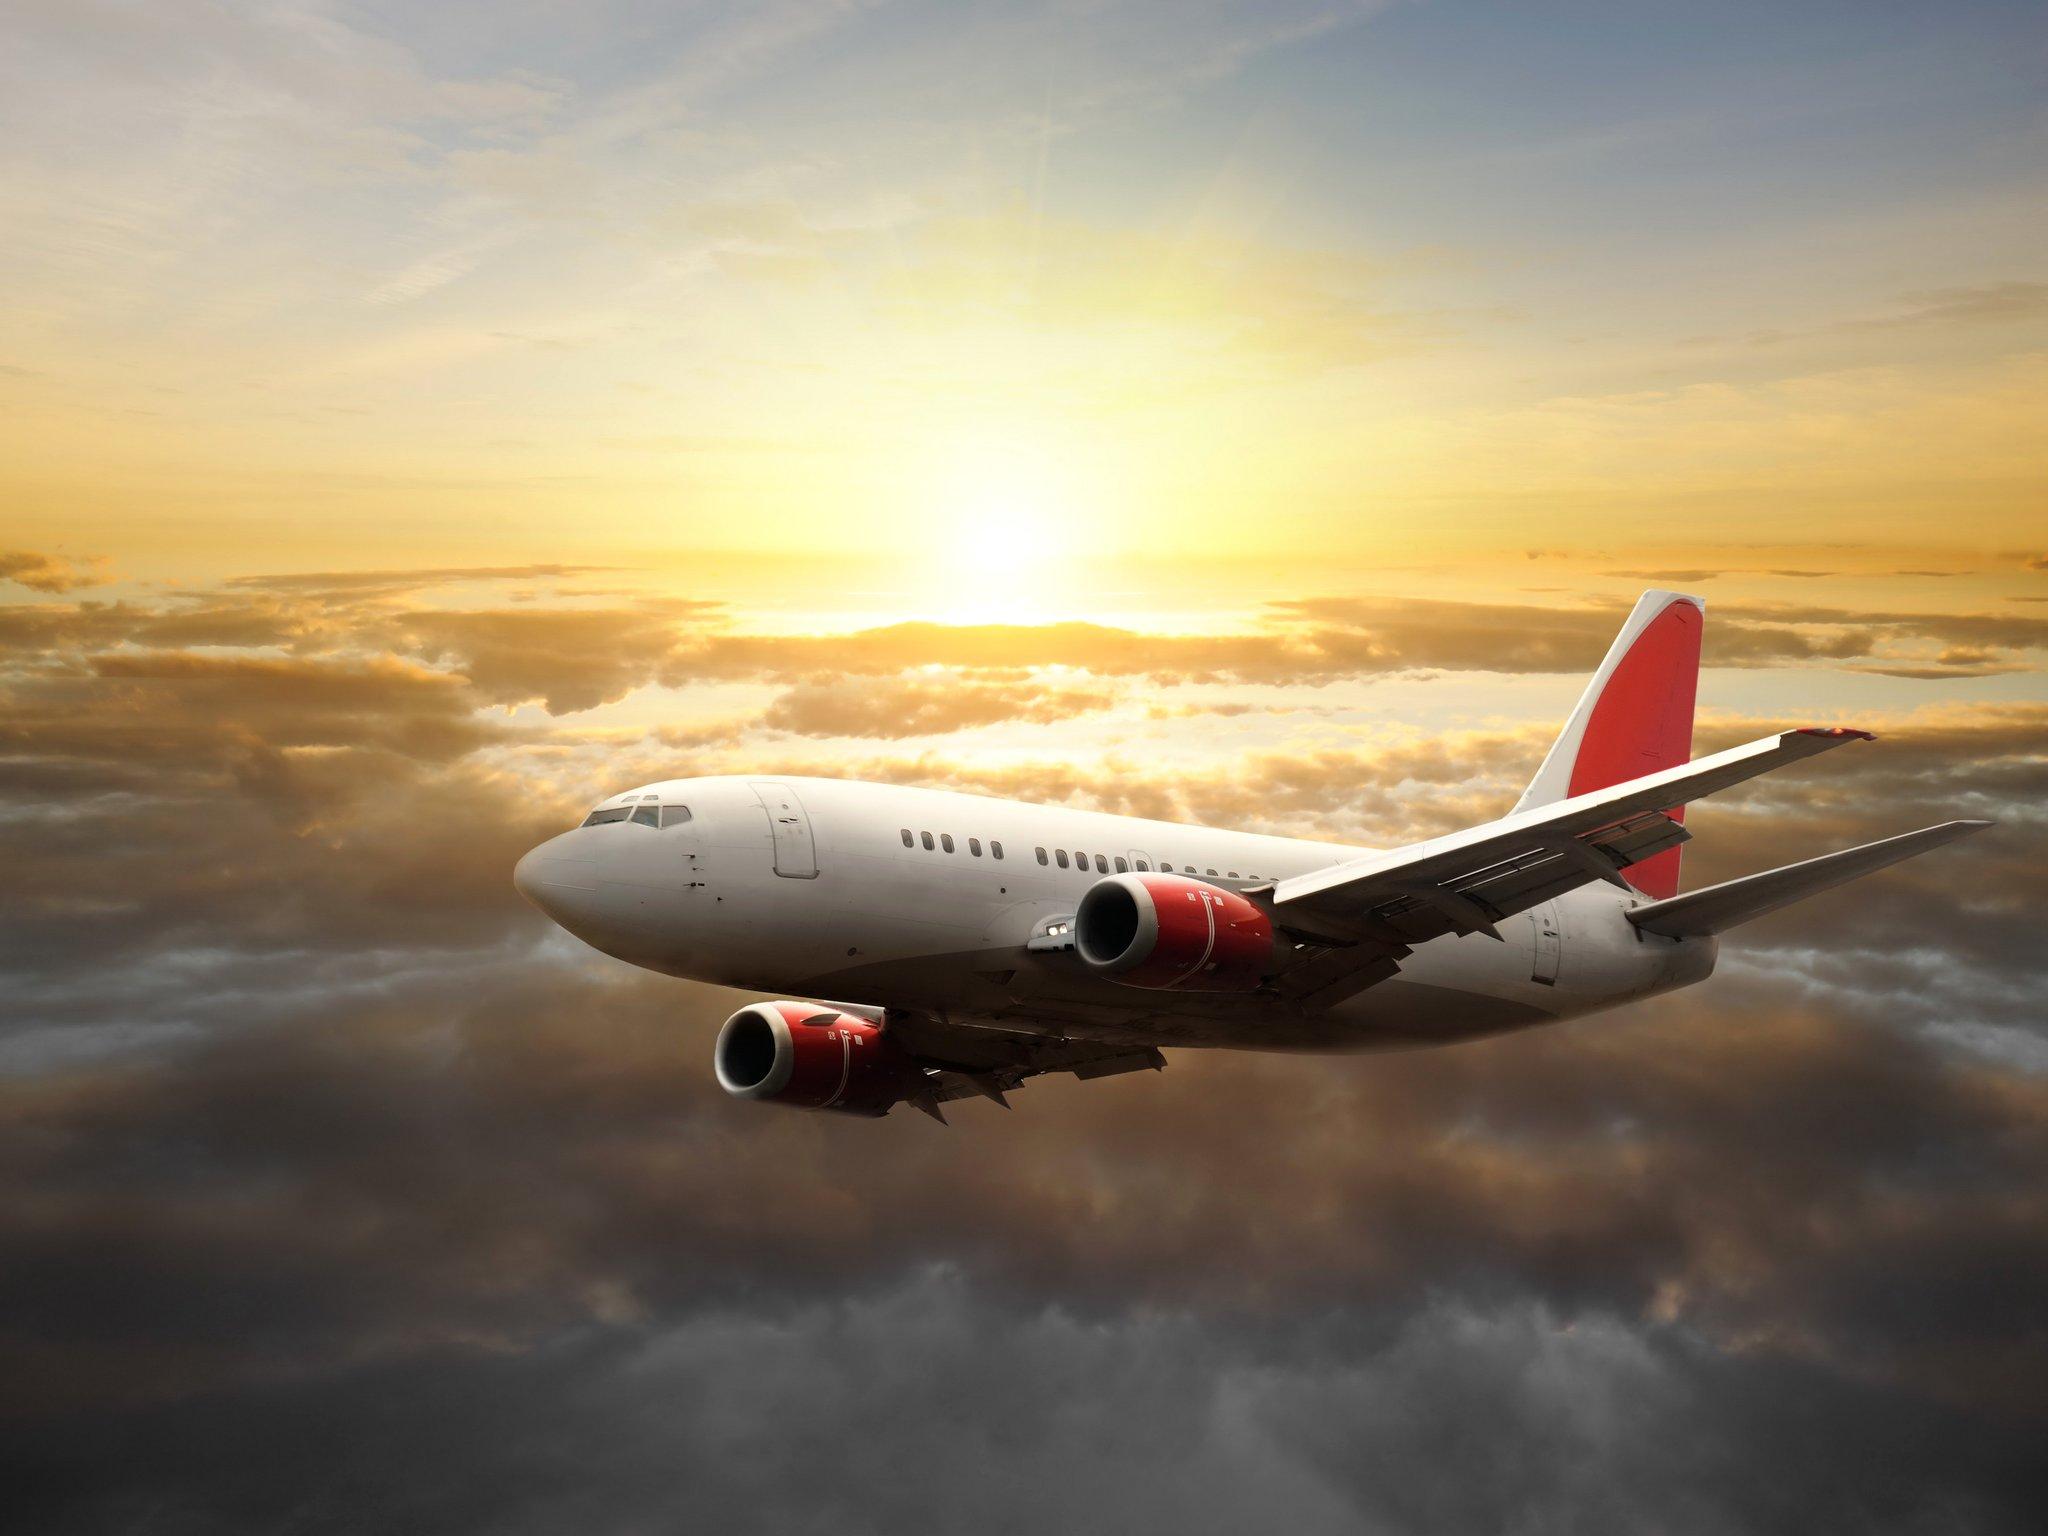 липкая картинки авиалайнера в полете имеется финансовая